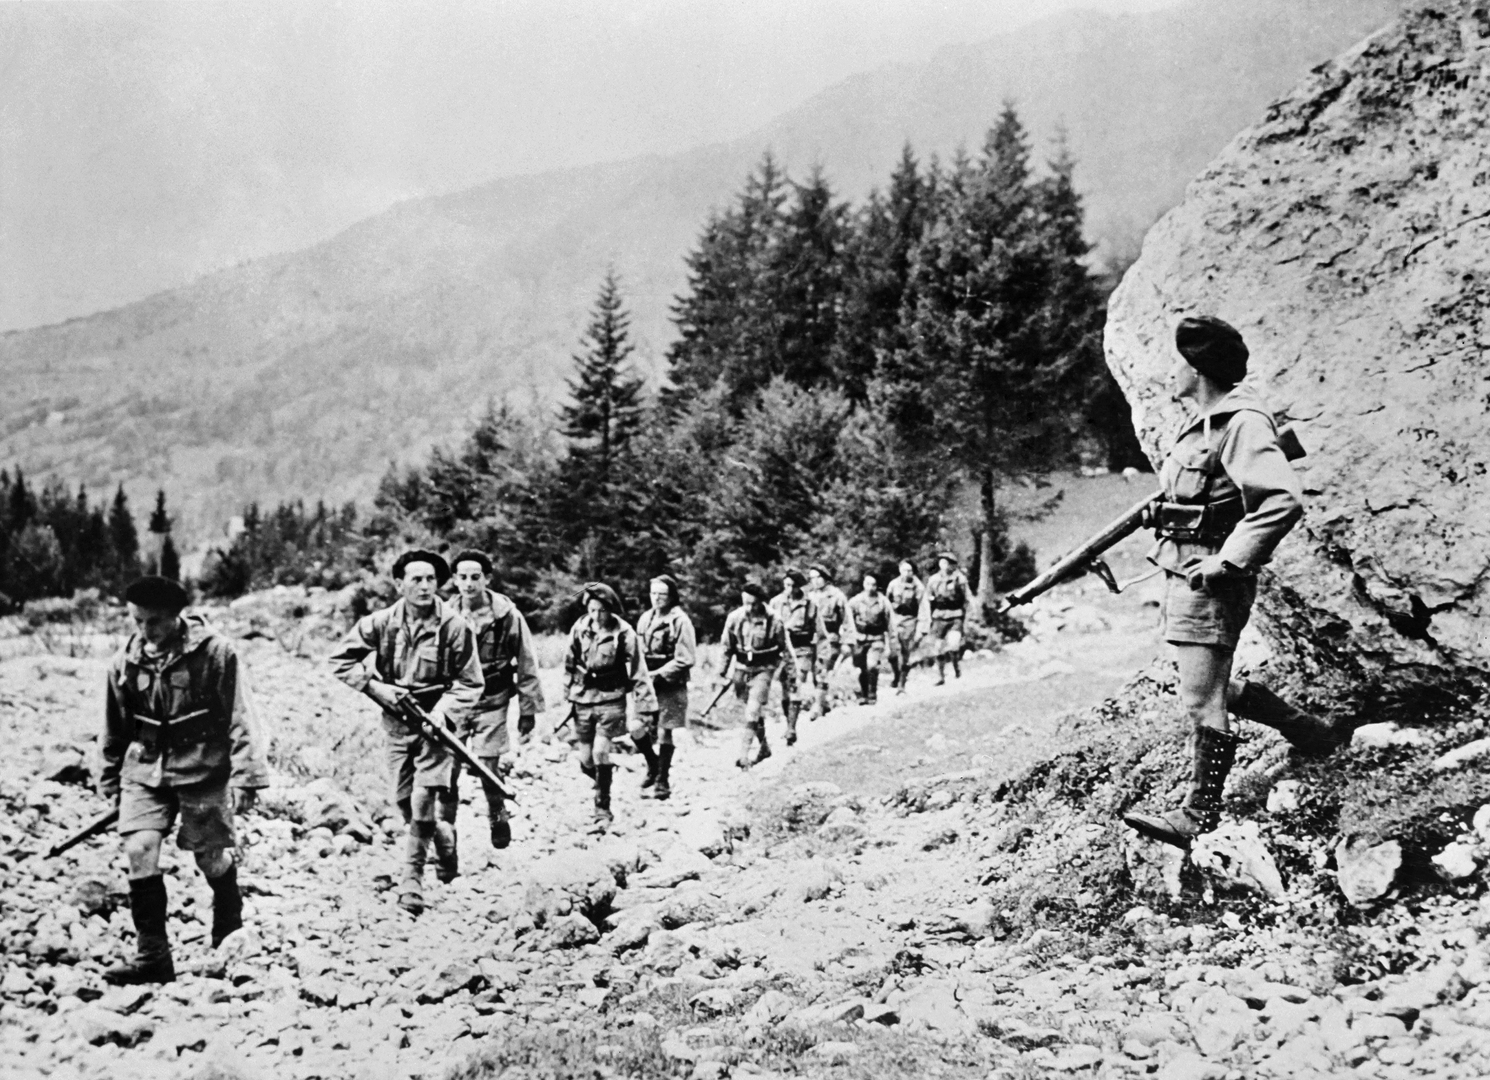 مقاتلون من قوات المقاومة الفرنسية ضد الاحتلال النازي في جبال الألب